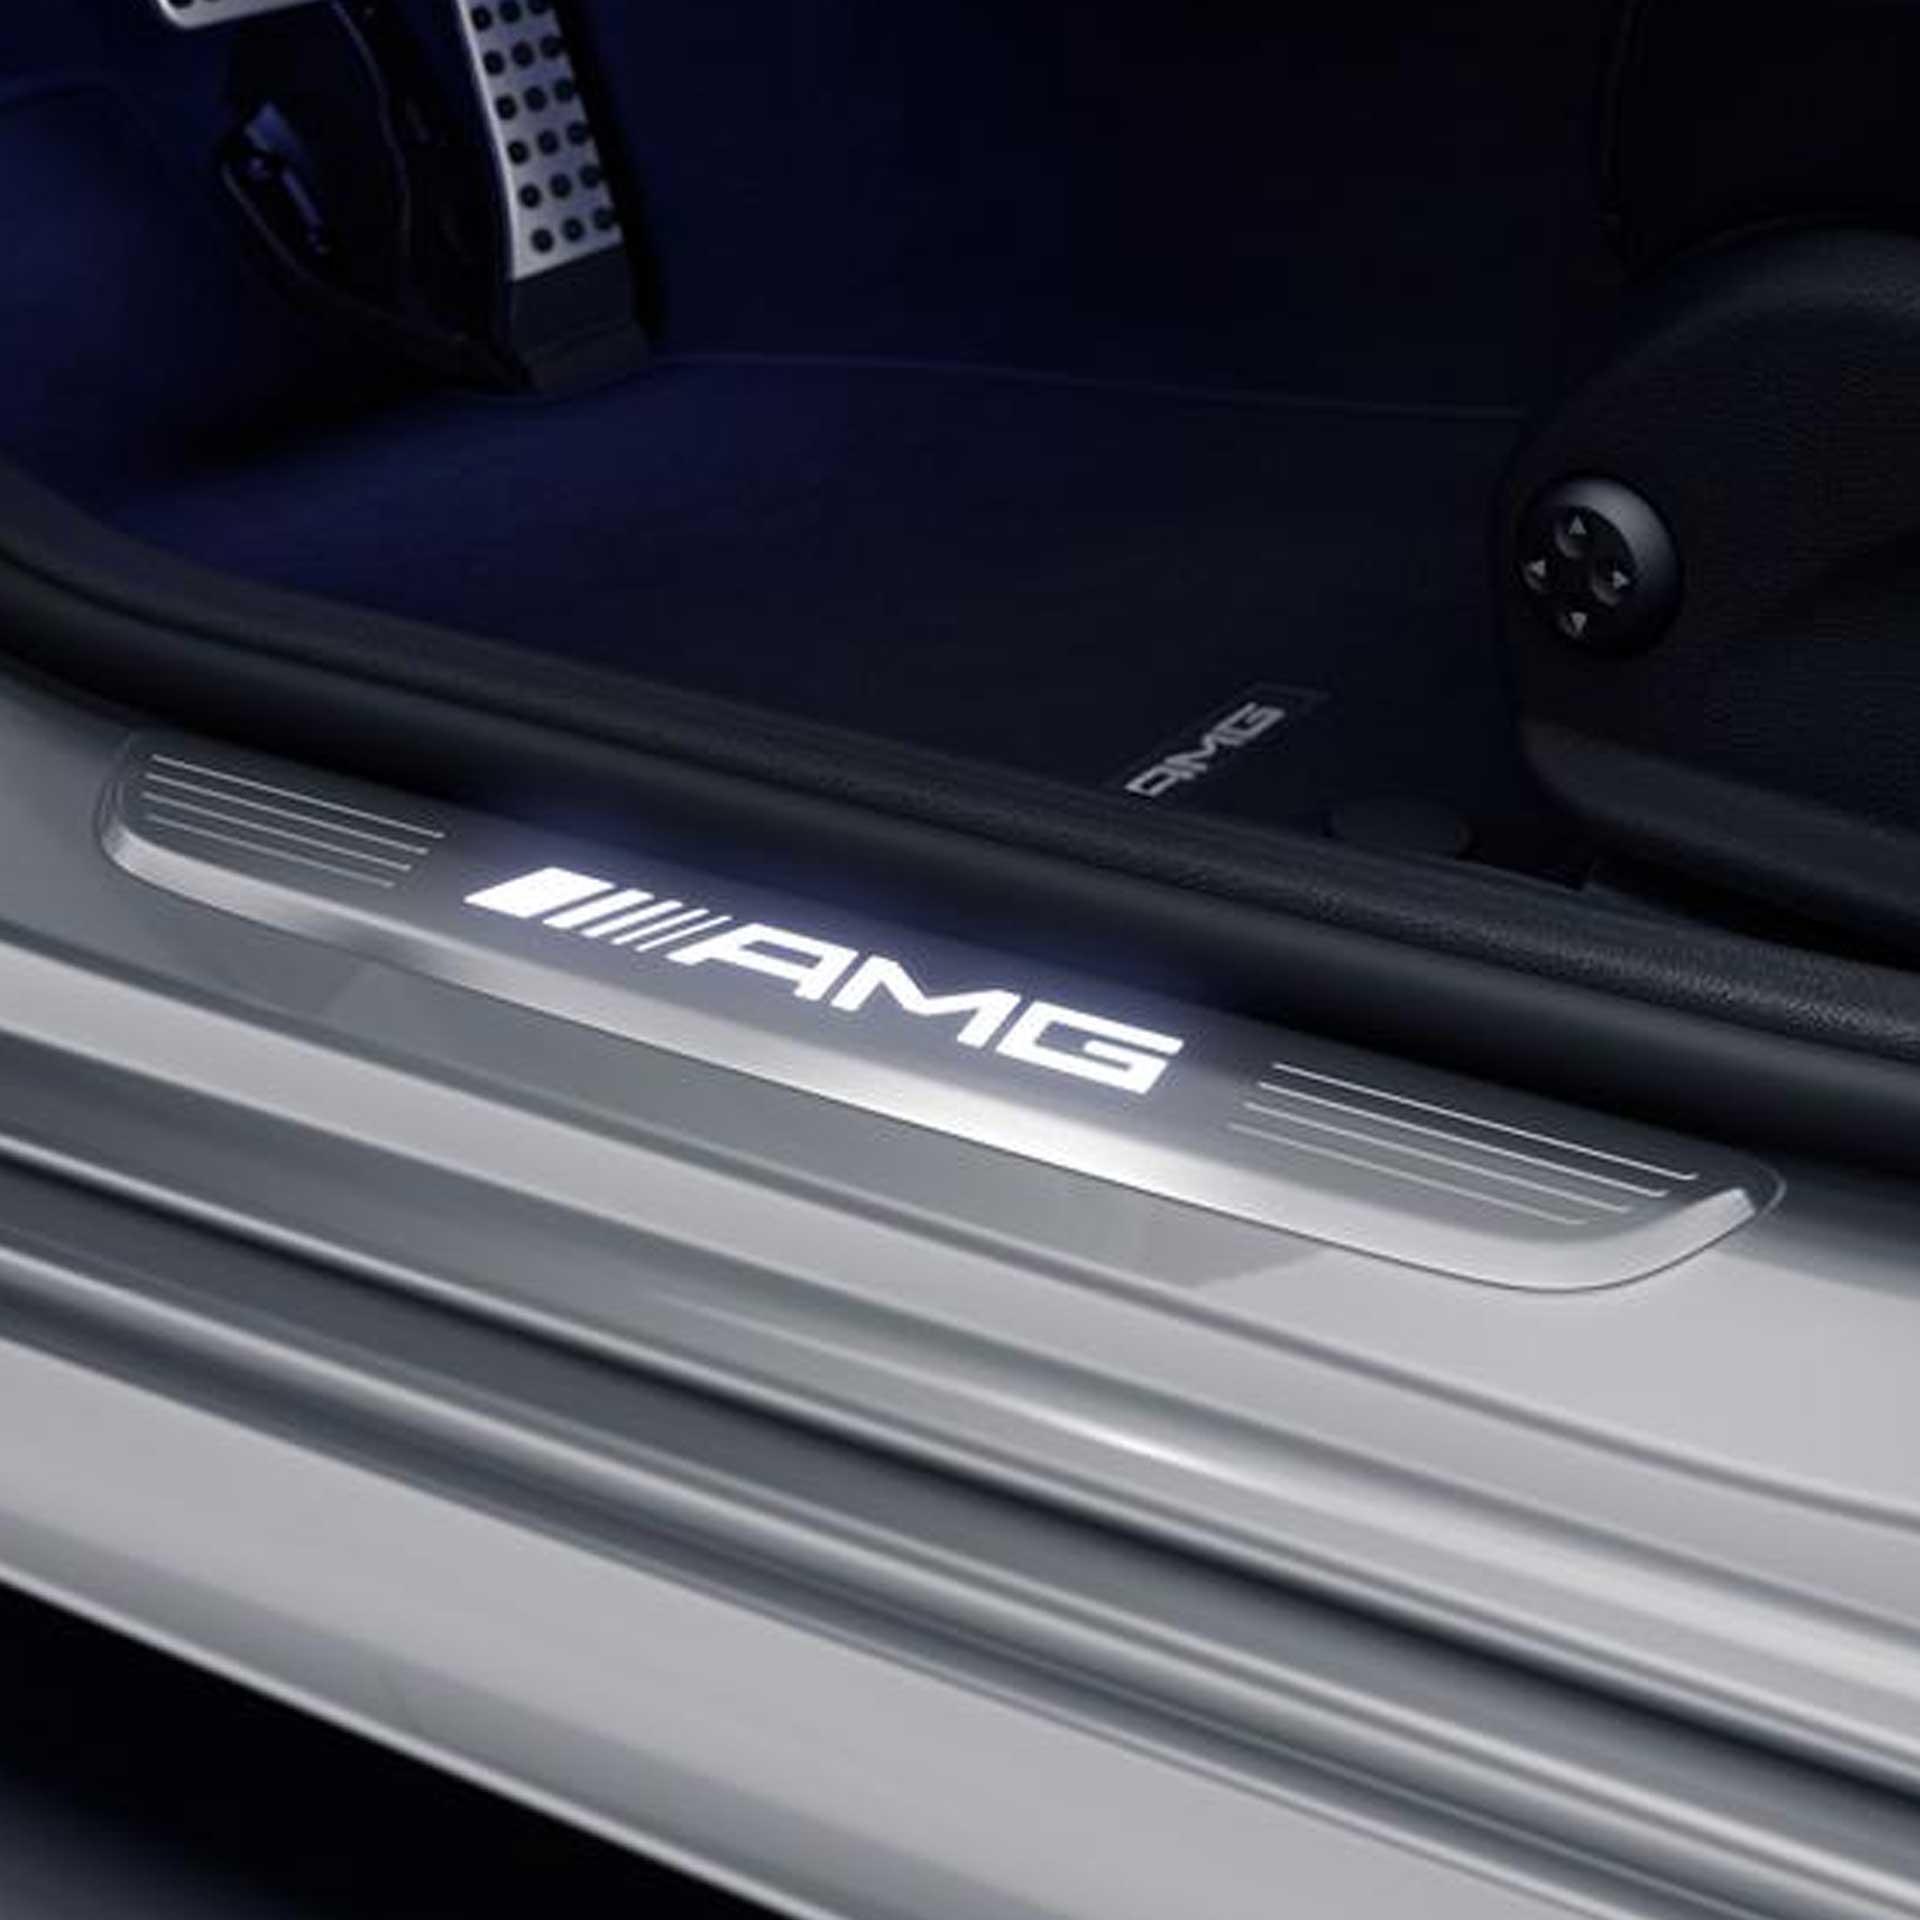 Mercedes-AMG Wechselcover für Einstiegsleisten beleuchtet vorne 2-teilig weiß